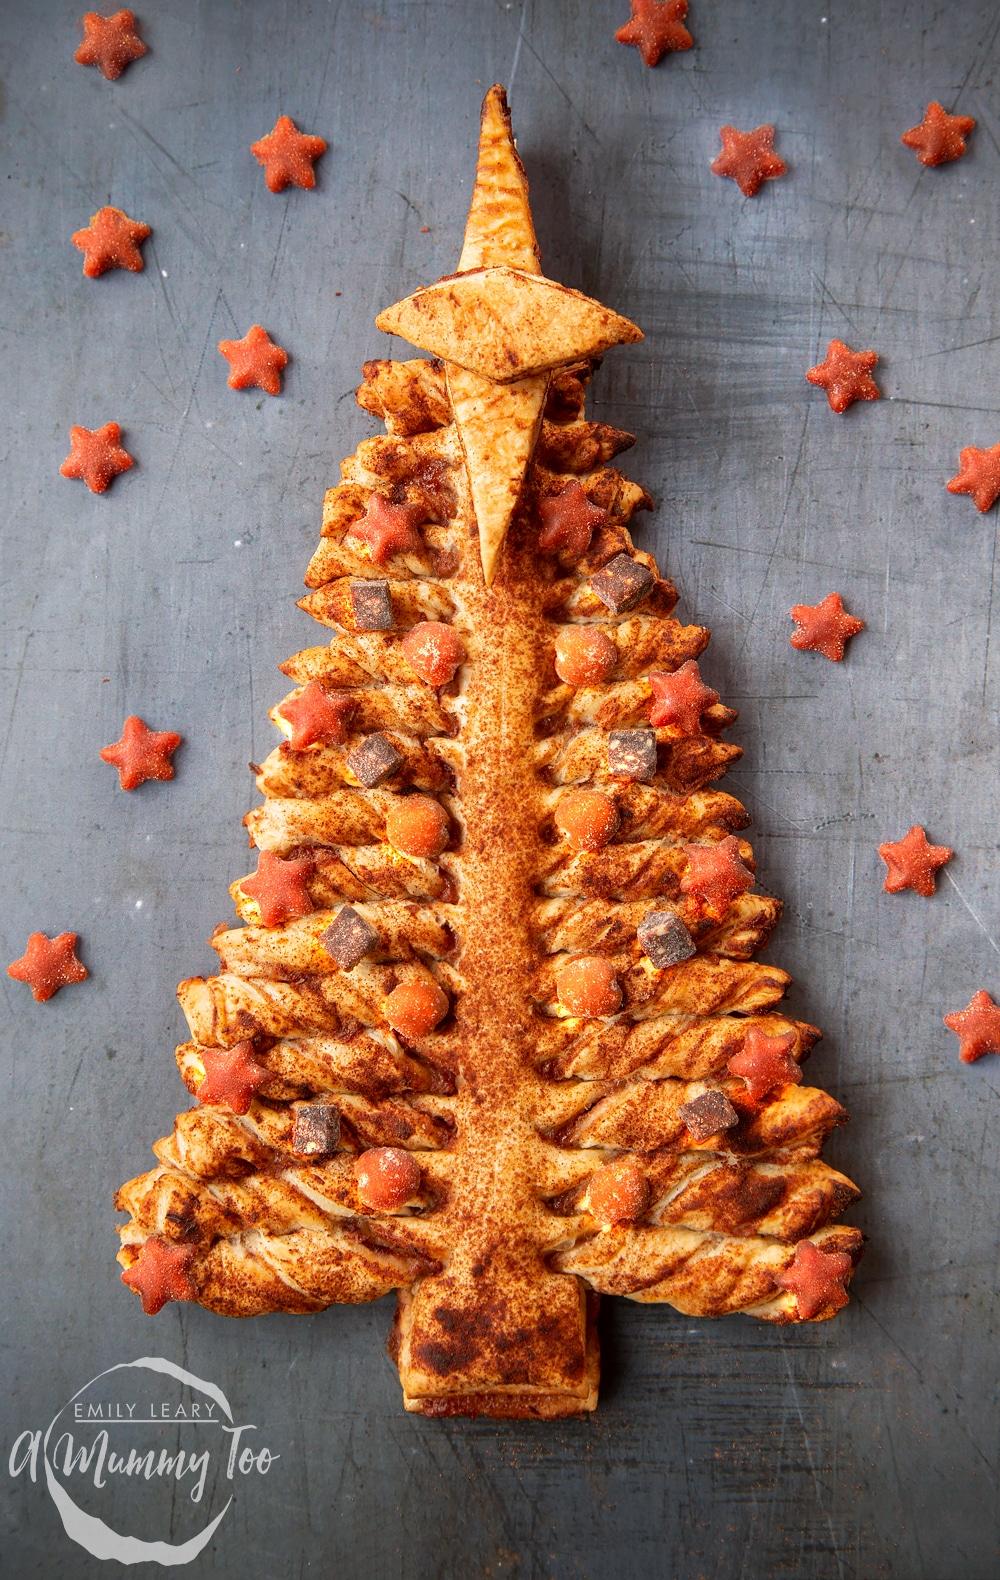 árbol casero dulce con manzanas y canela, postres de hojaldre ricos y super fáciles de preparar para navidad, recetas paso a paso